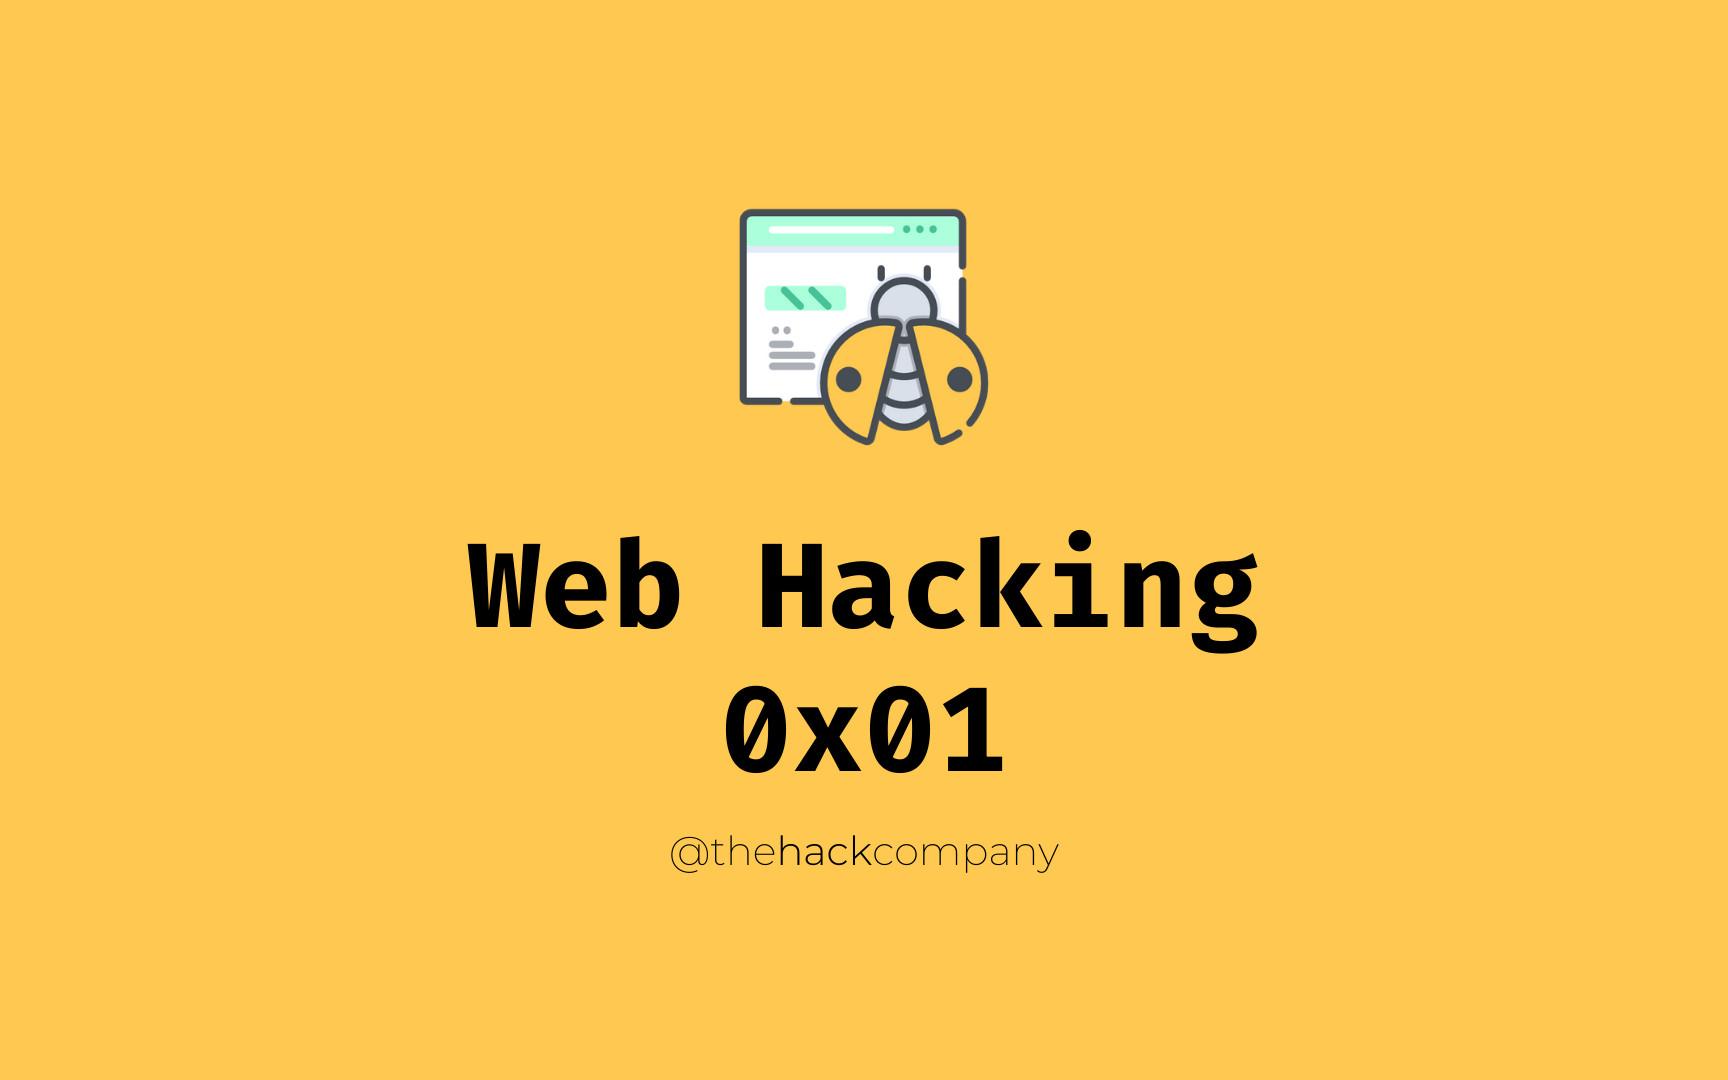 Web Hacking - 0x01